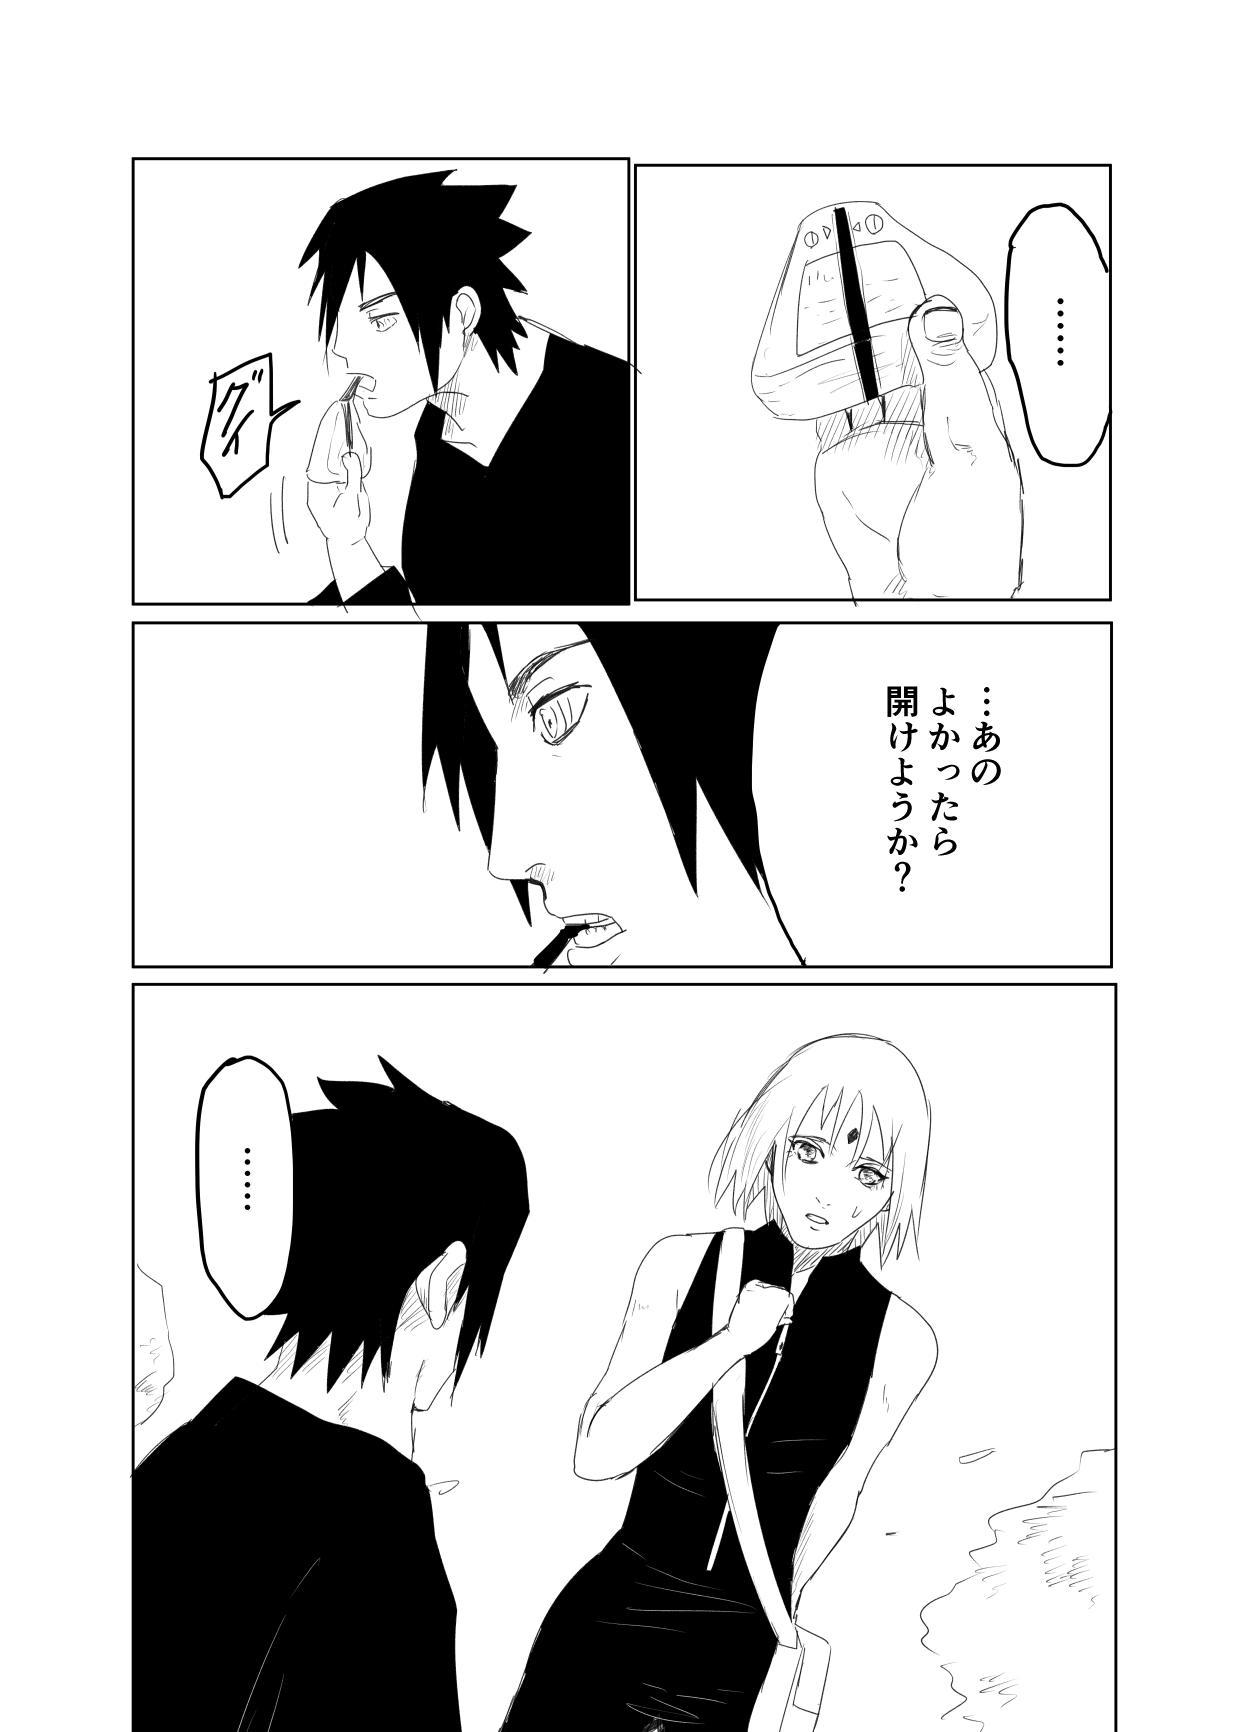 嘘告白漫画 17